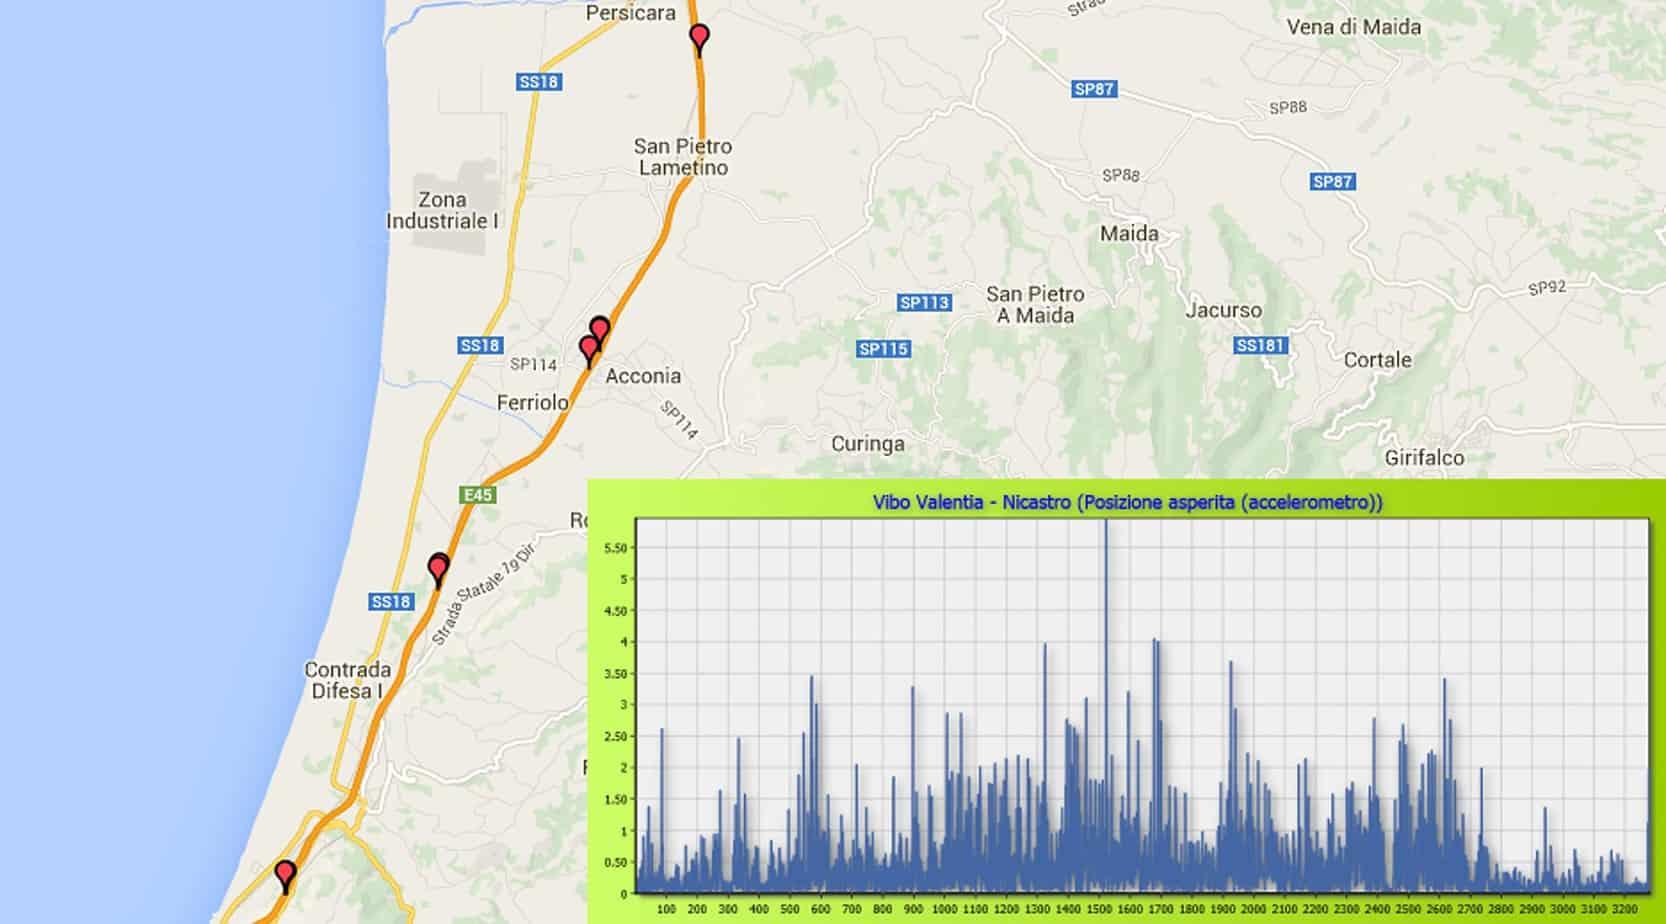 La visualizzazione su mappa e grafico delle anomalie in ambito autostradale